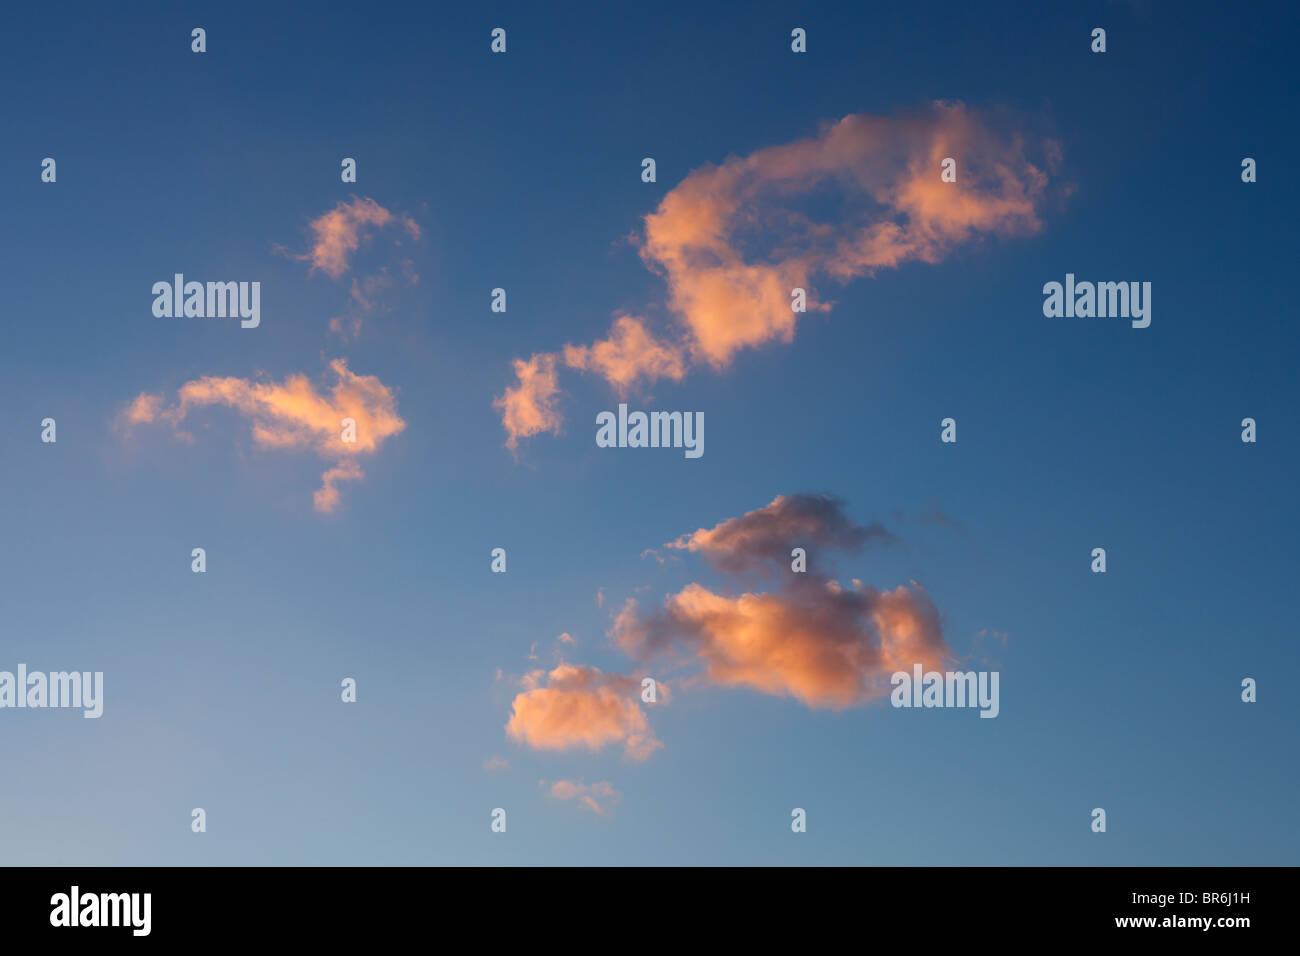 Quelques nuages se dissipant allumé au coucher du soleil. Photo Stock